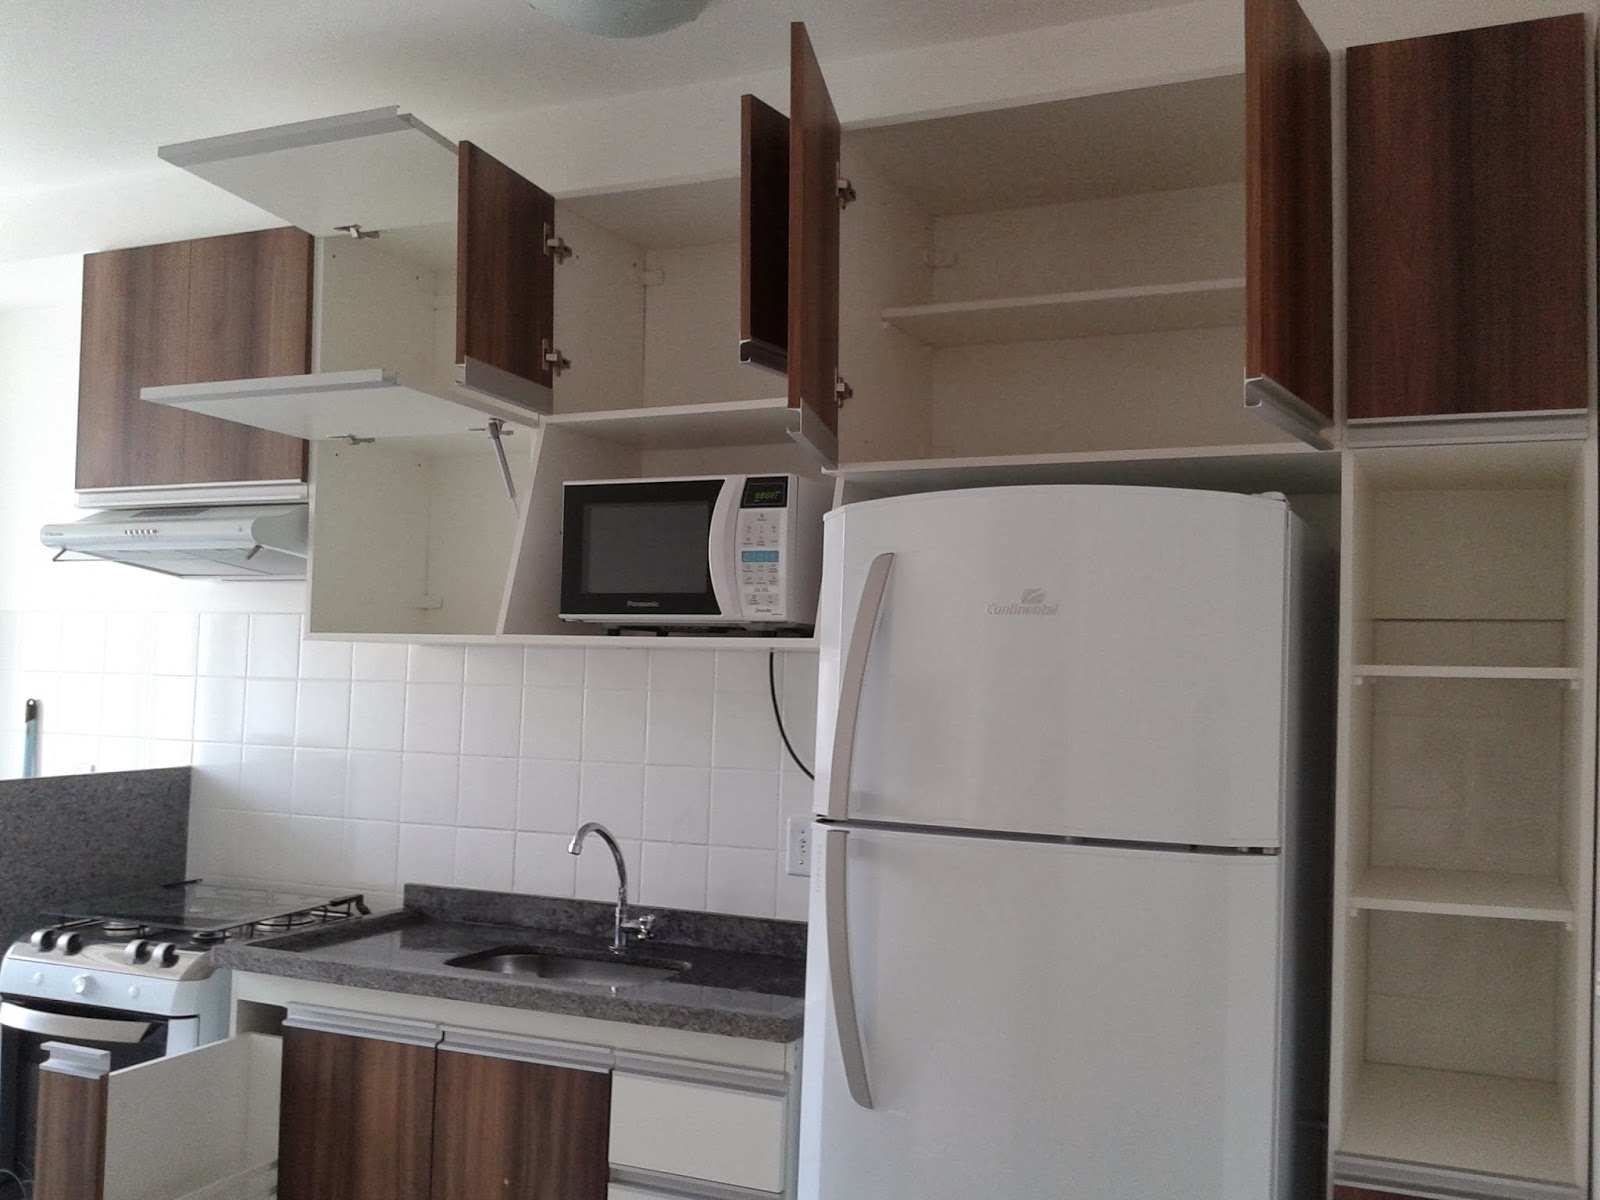 wdplanejados: Mais um Projeto de Cozinha para Apartamento Completo  #5E4D40 1600 1200